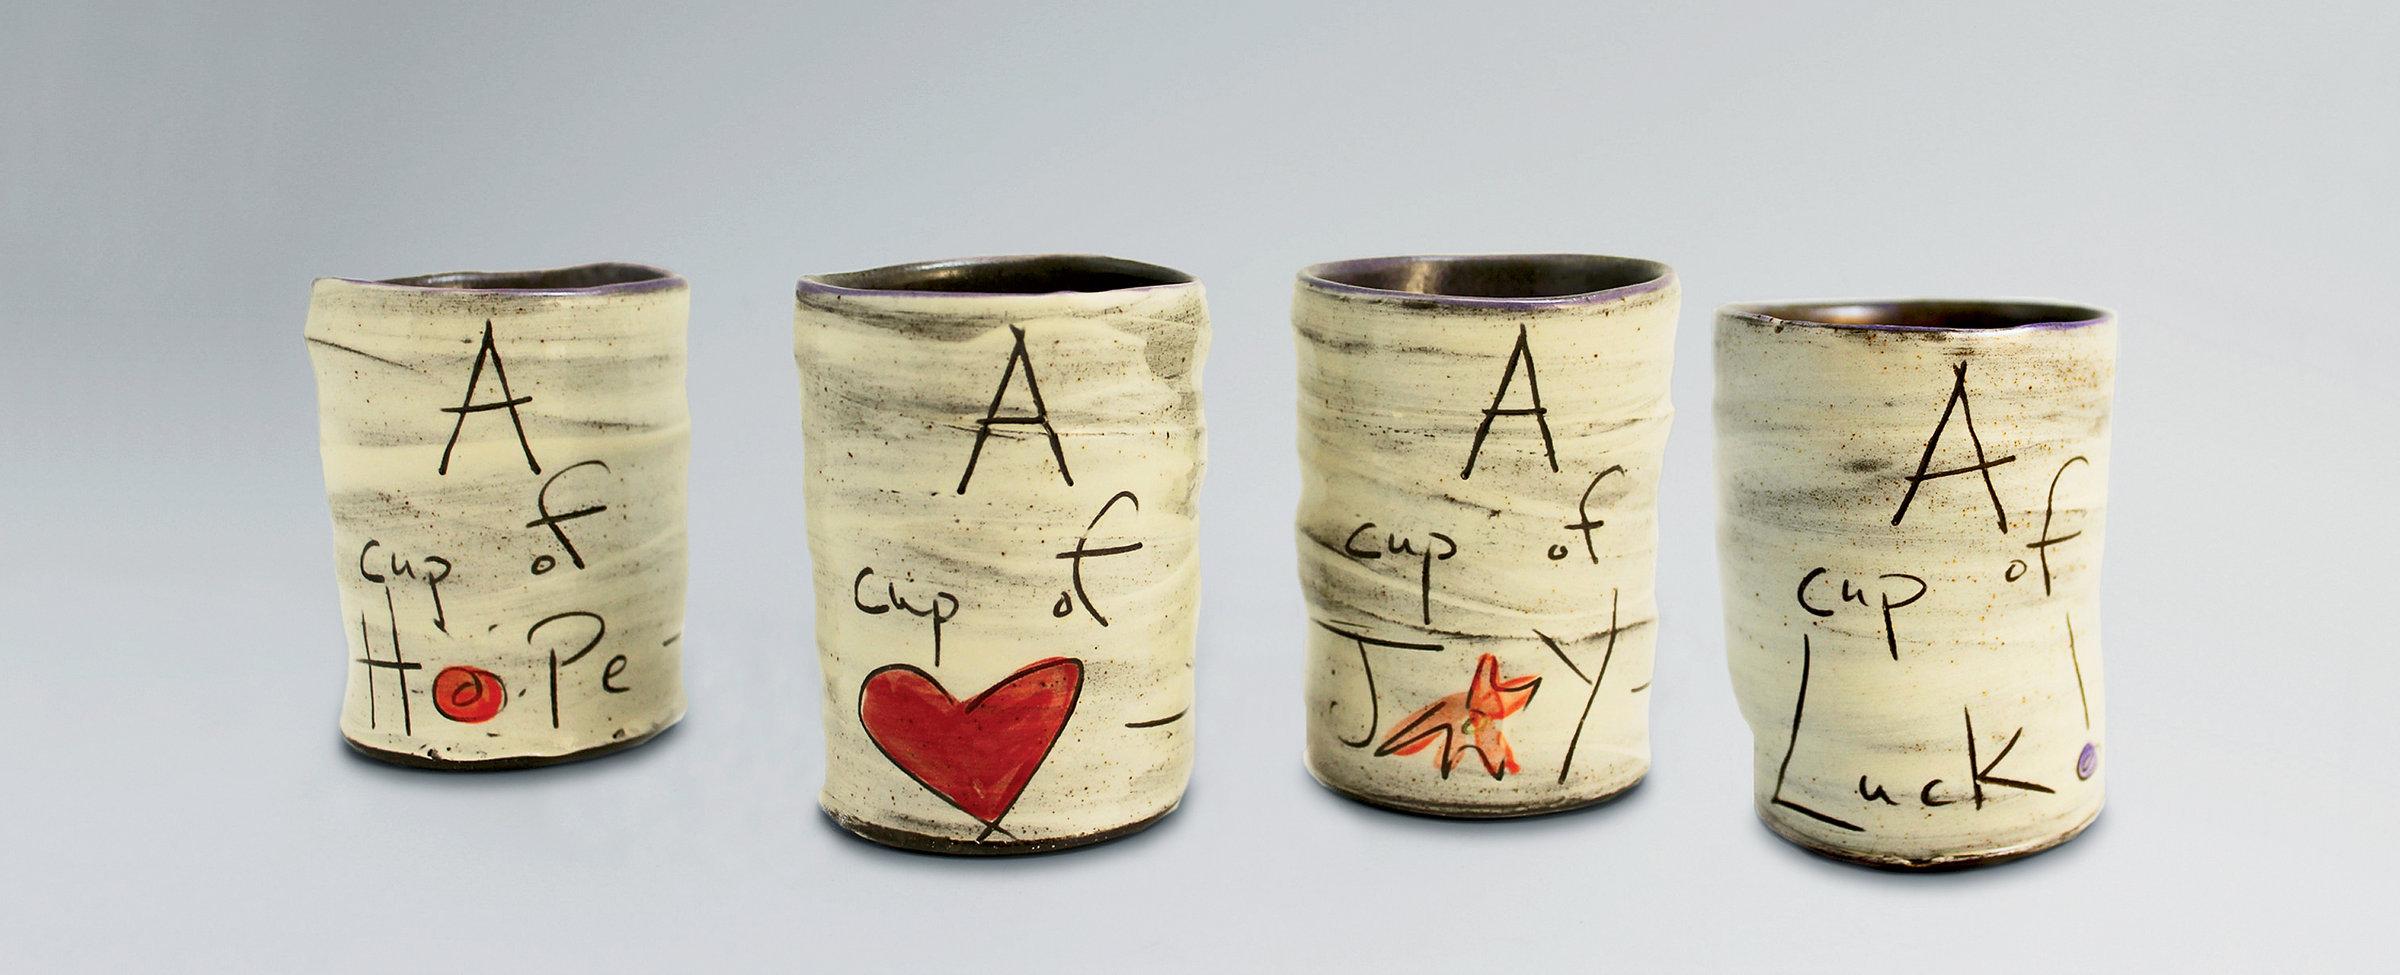 Cups of... by Noelle VanHendrick and Eric Hendrick (Ceramic Mugs ...